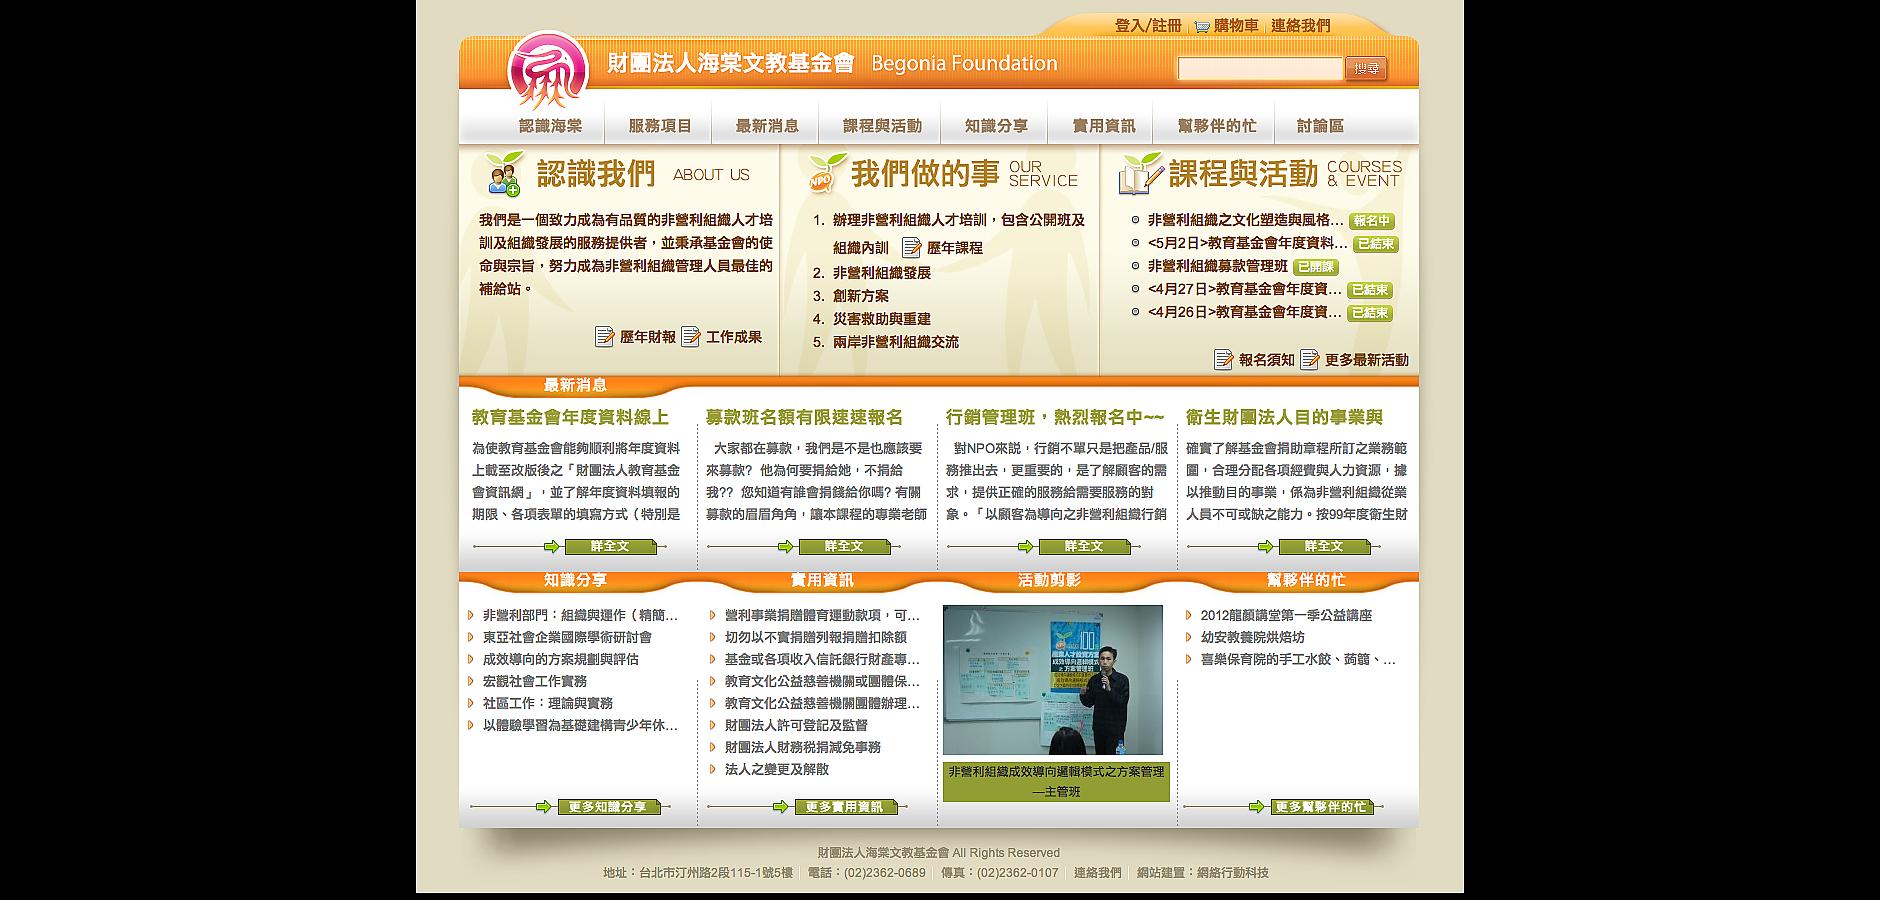 財團法人海棠文教基金會